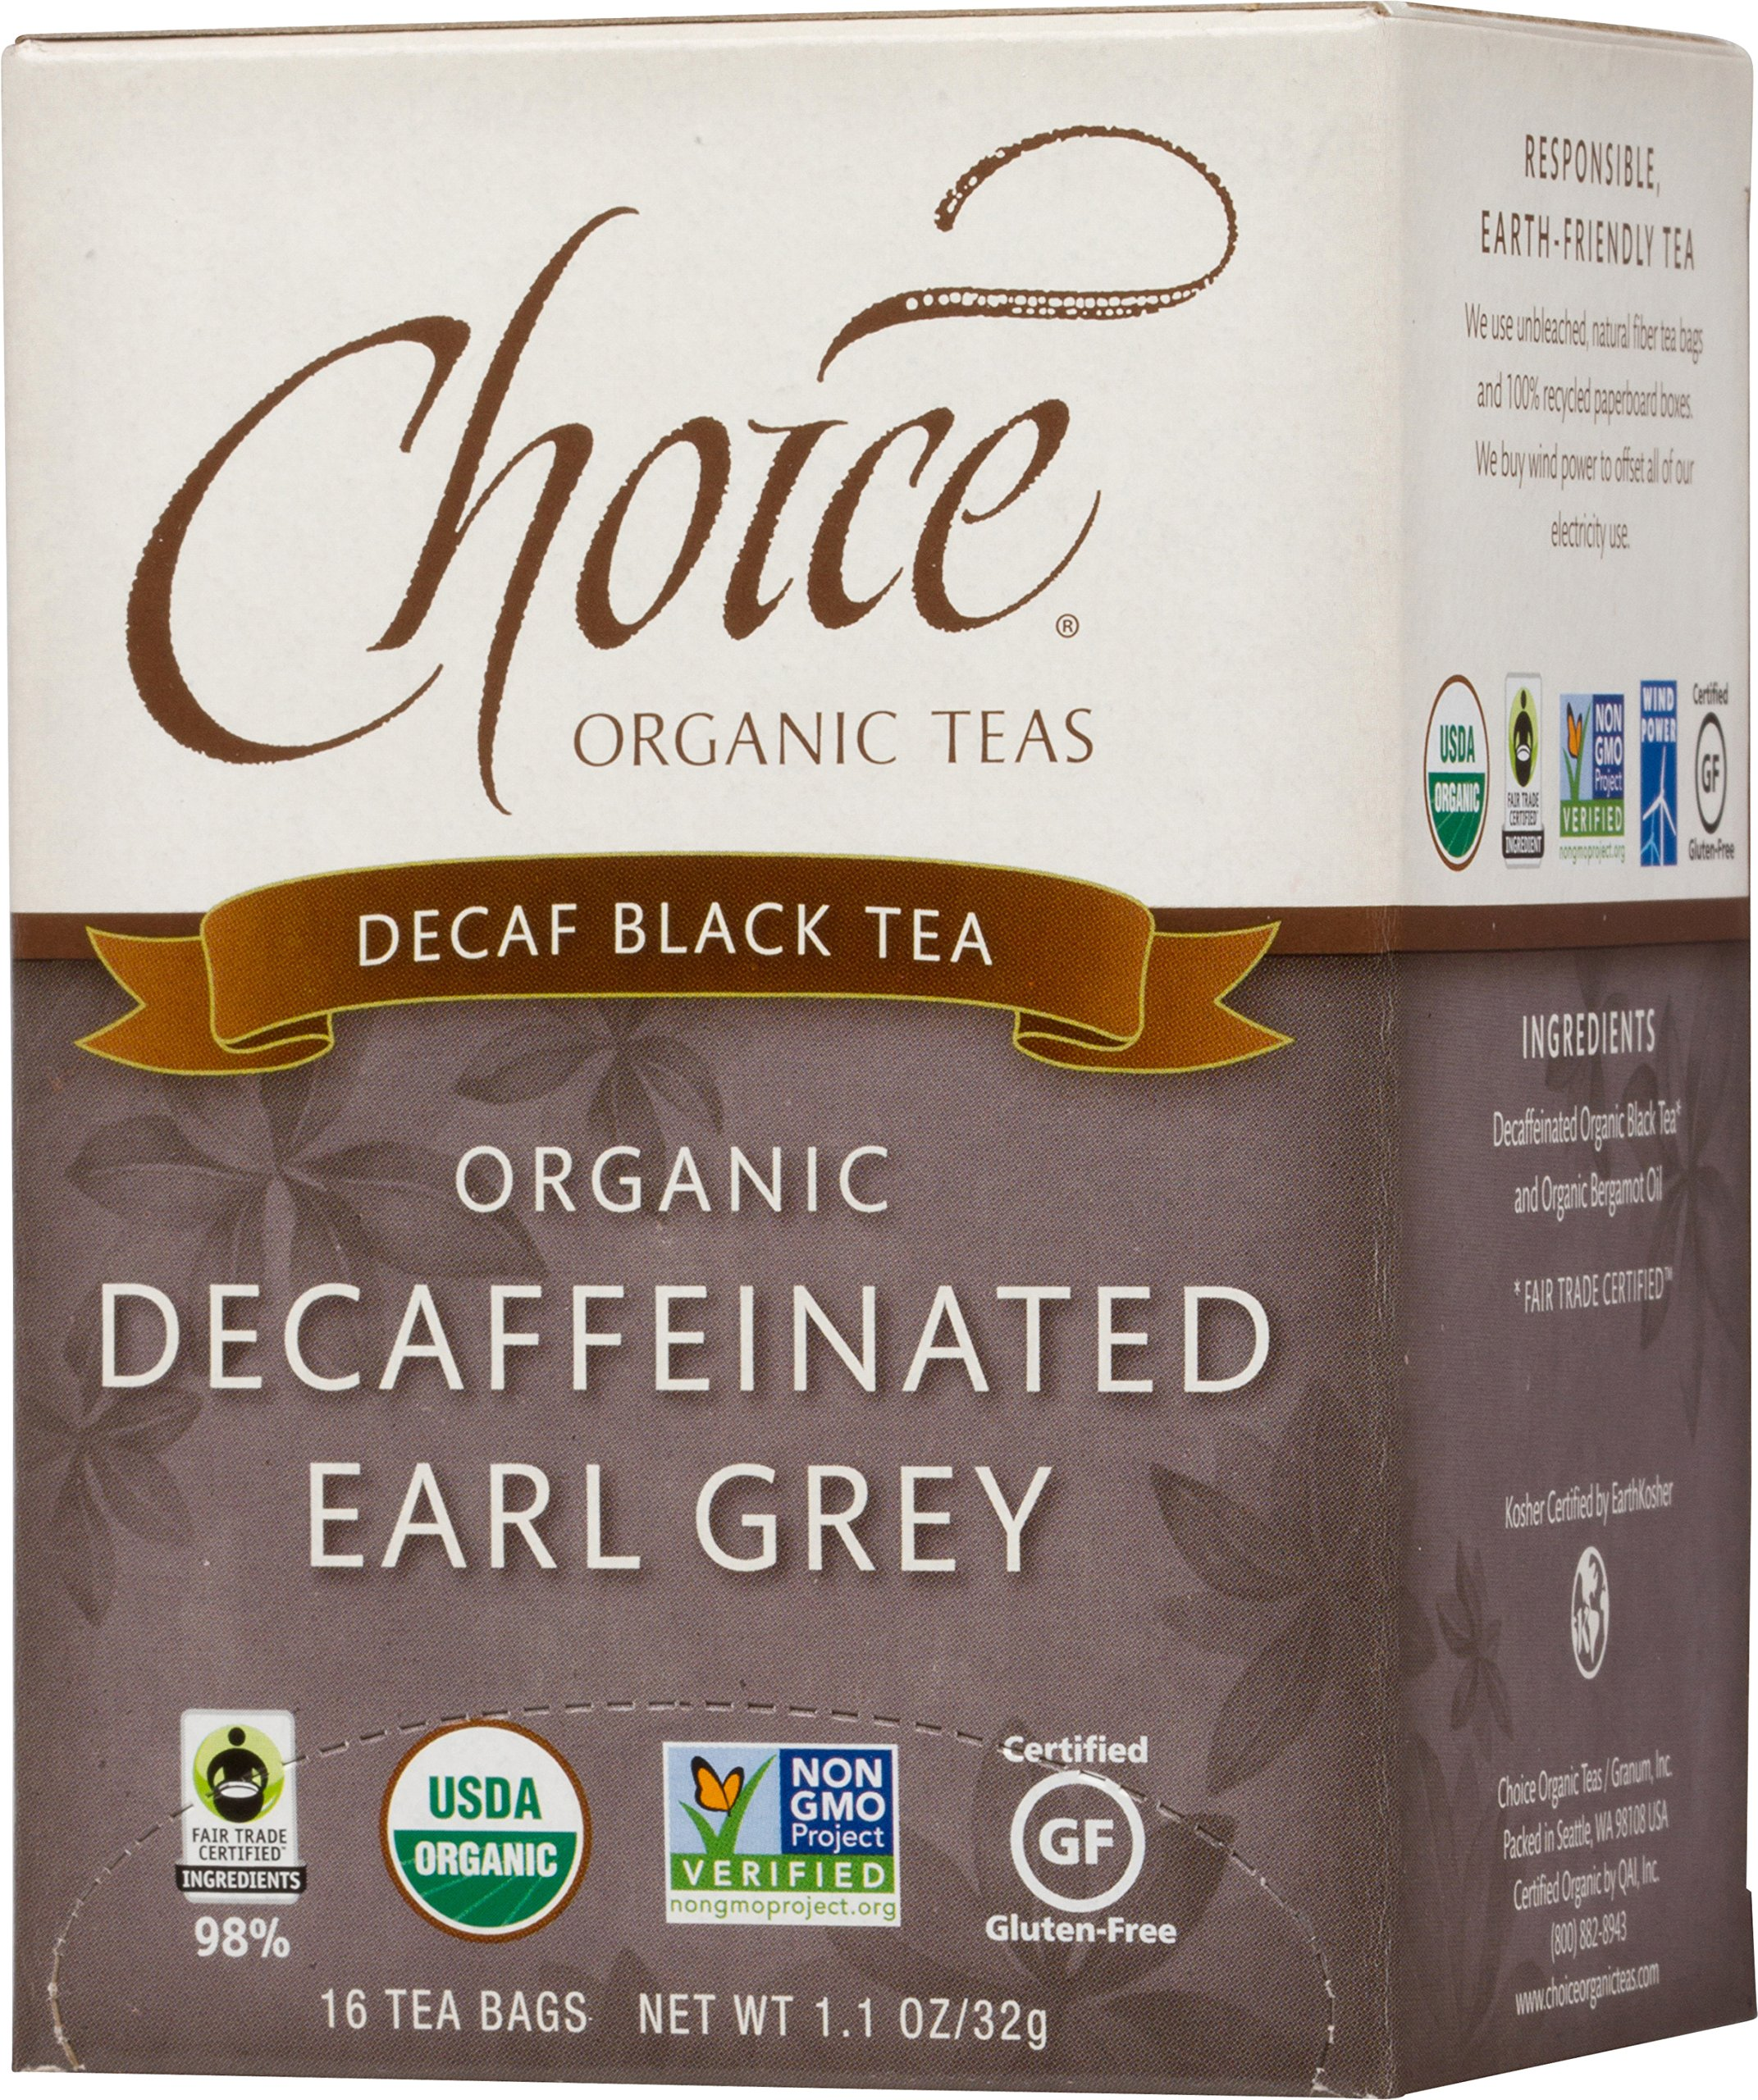 Choice Organic Teas Black Tea, Decaffeinated Earl Grey, 16 Count